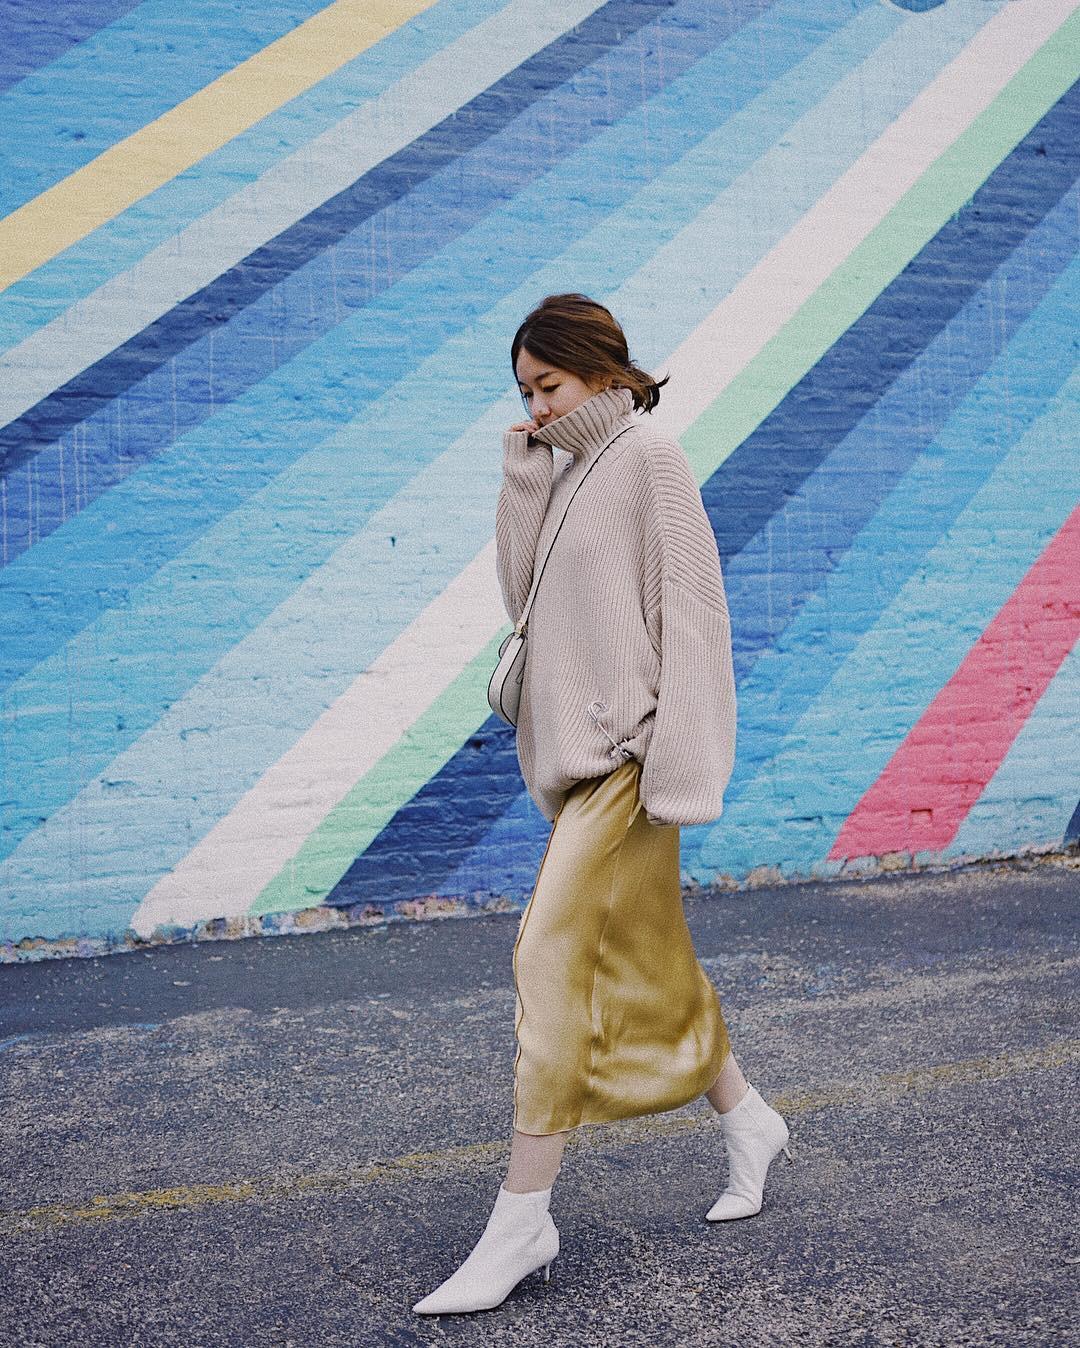 5 bí kíp ăn mặc giúp phụ nữ sở hữu phong cách thời thượng, sang trọng và nổi bật trong dịp Tết - Ảnh 5